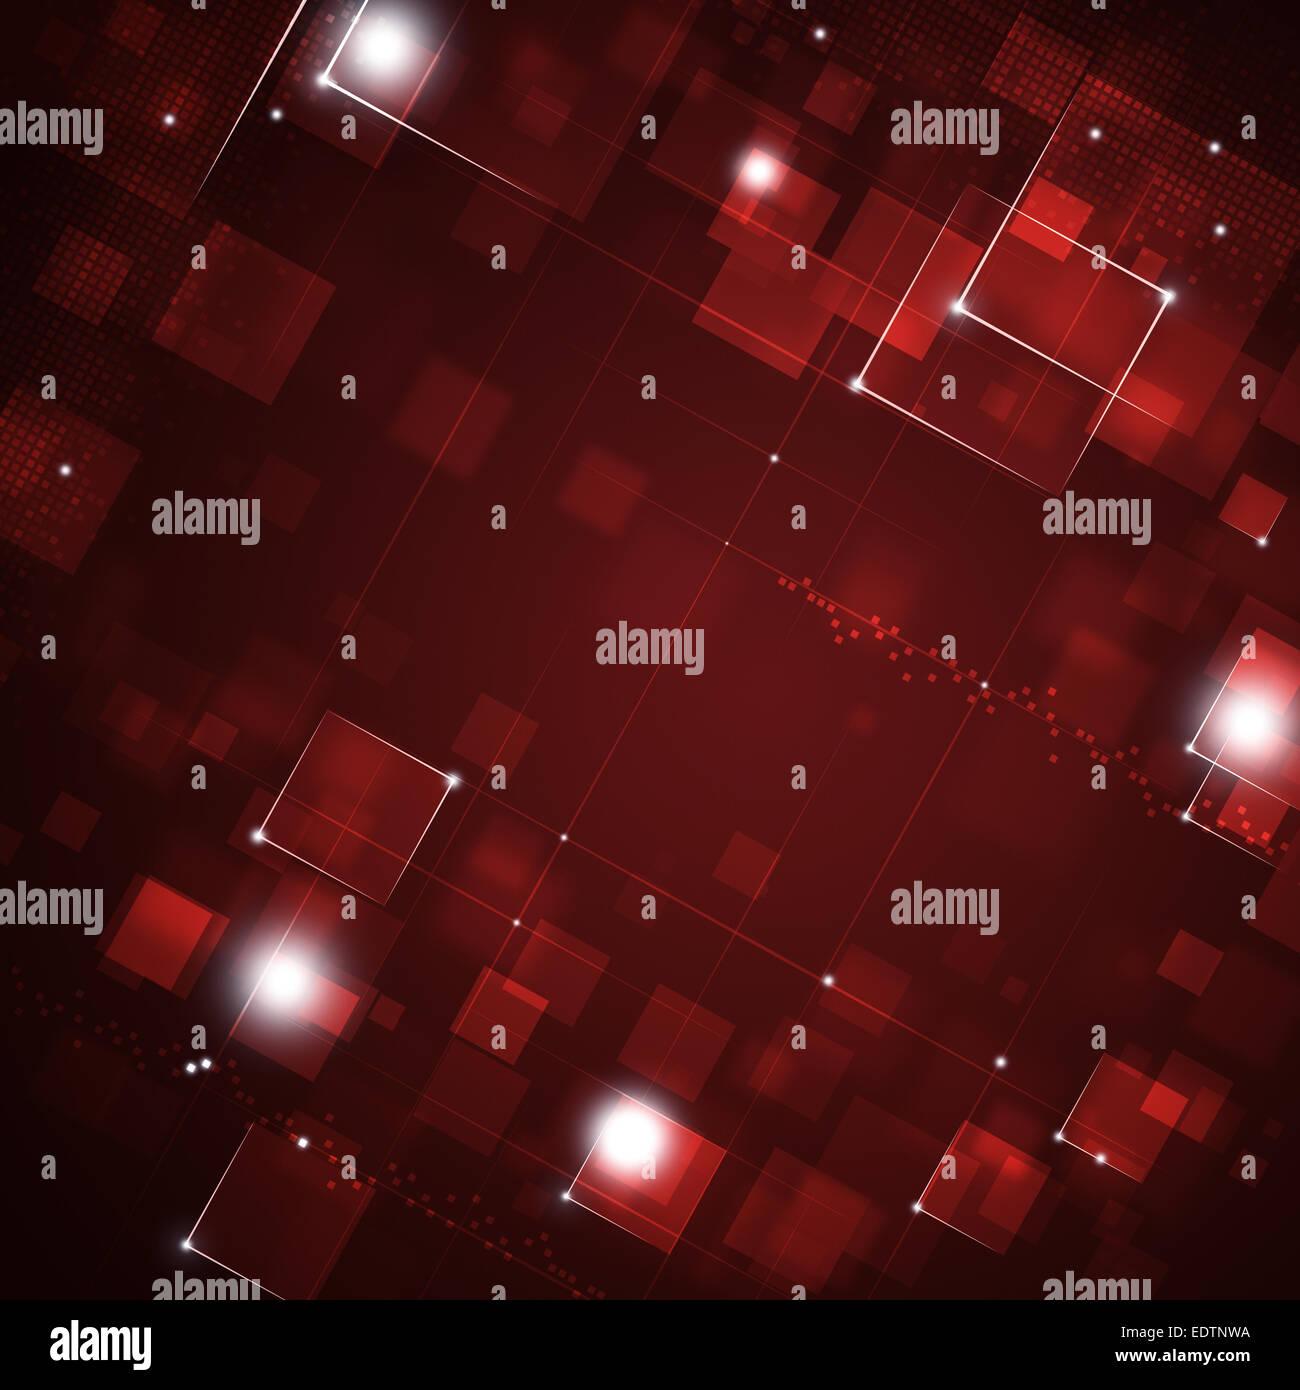 Abstrakt rot Square Dot und Lichttechnik Hintergrund Stockbild